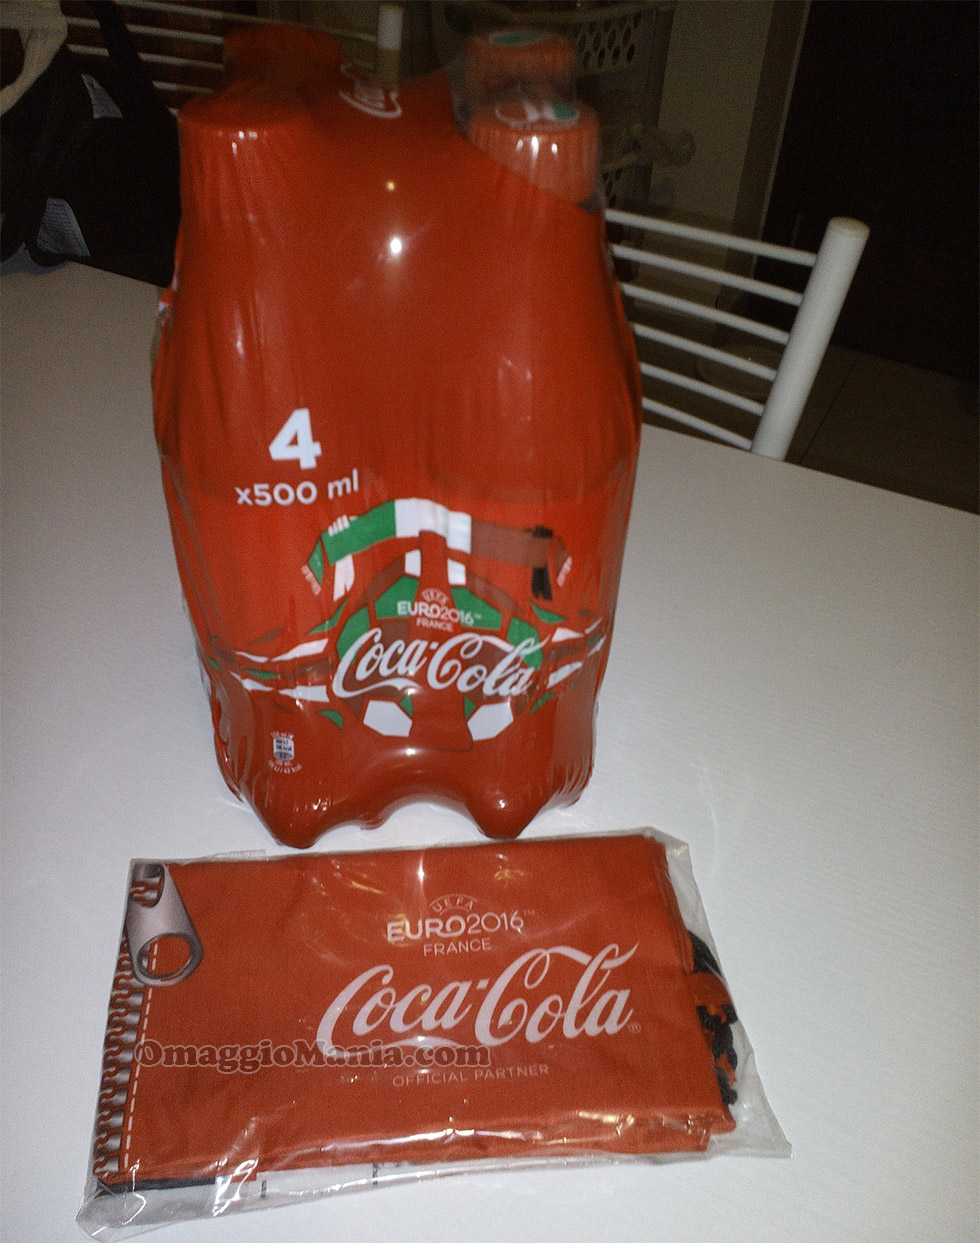 Coca cola sacche sportive in regalo omaggiomania - Regalos coca cola ...